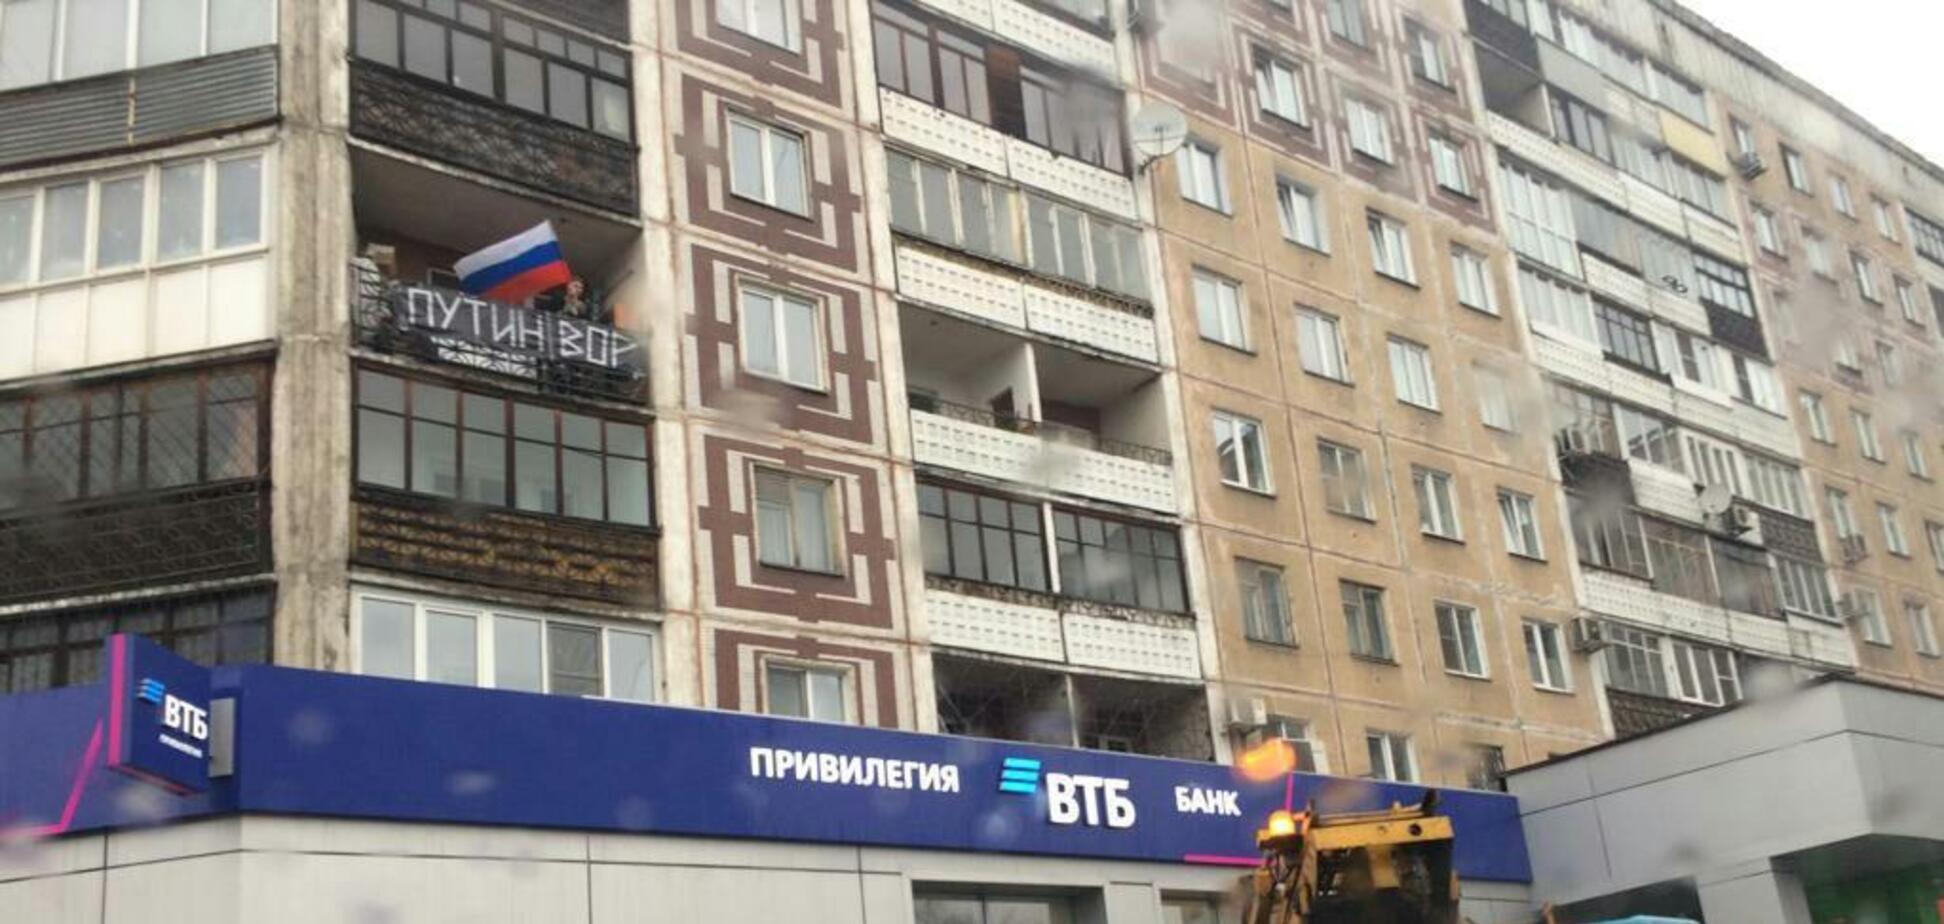 'Путин — вор!' Ограбленных и униженных россиян призвали к массовым протестам